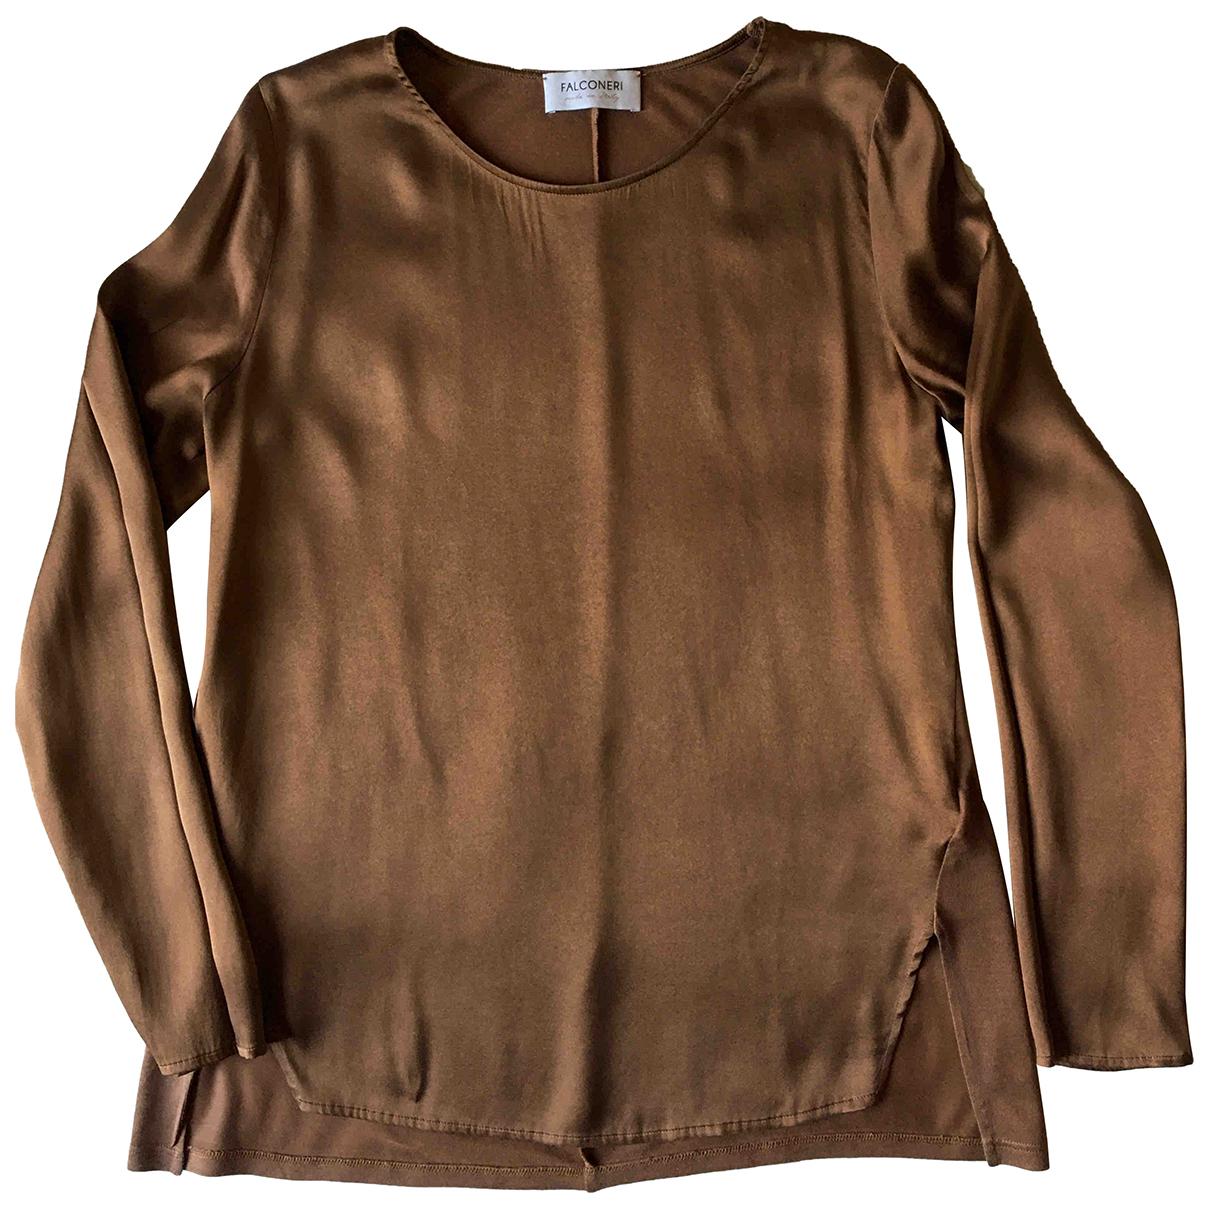 Falconeri - Top   pour femme en soie - camel